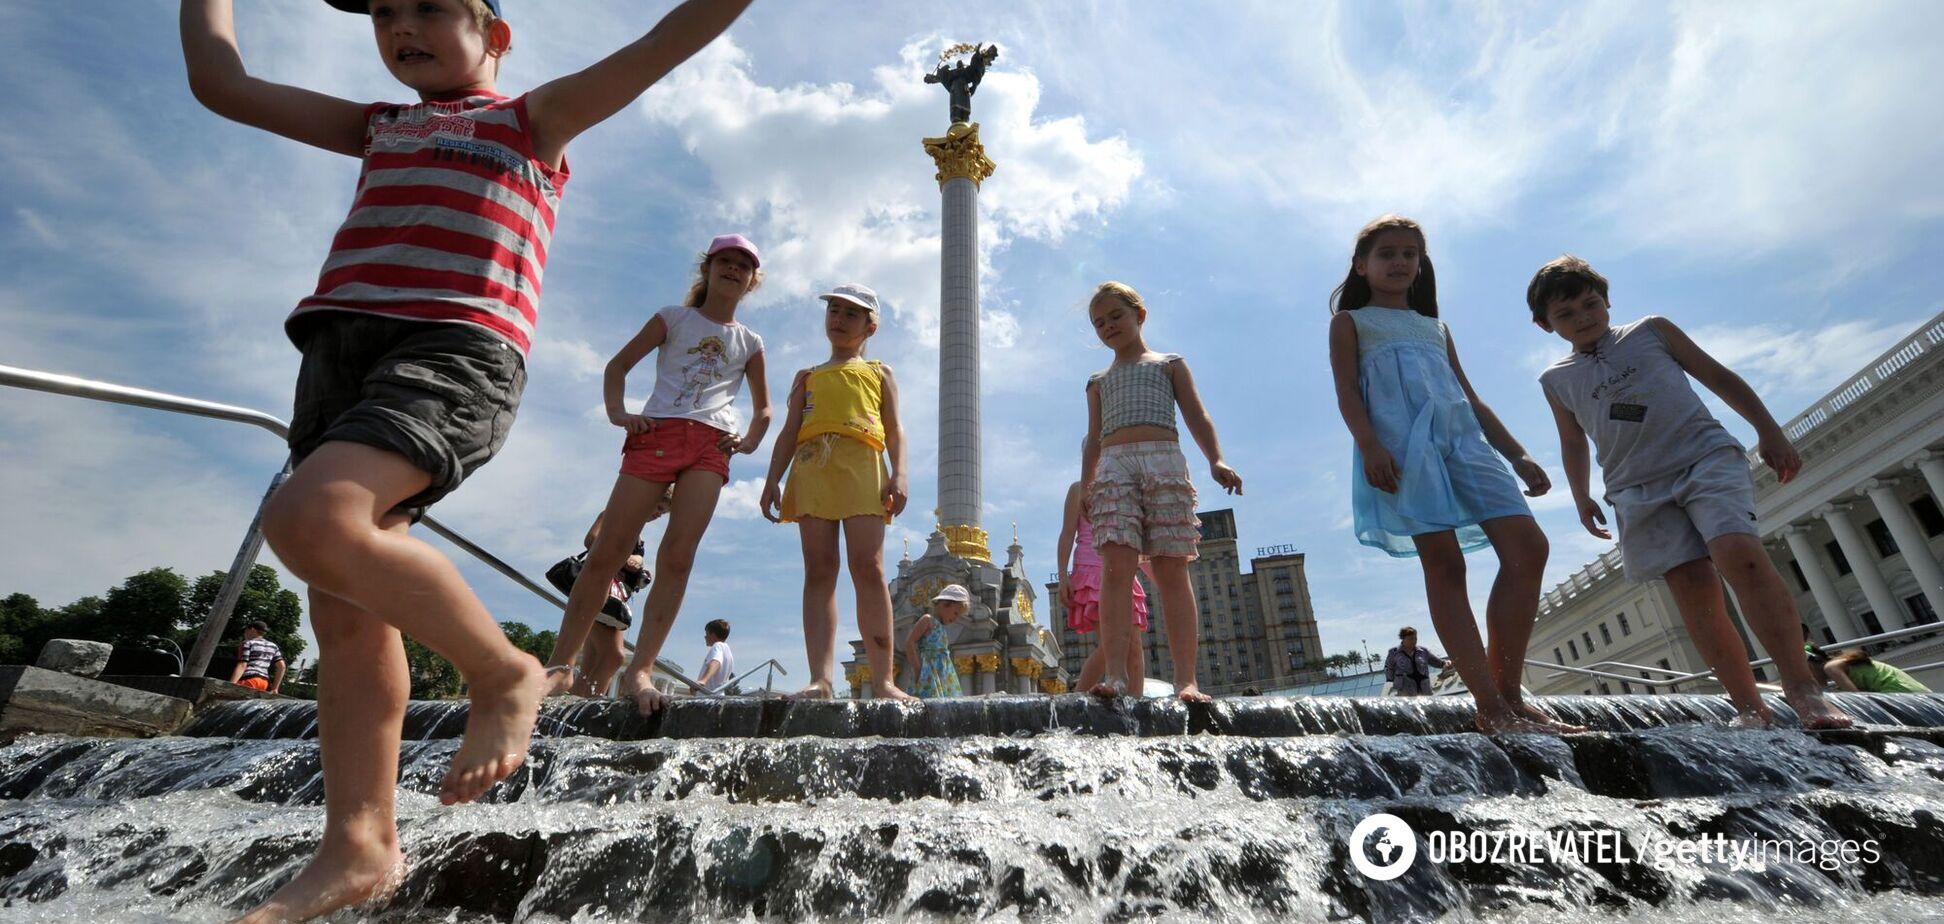 Июль в Украине будет бить рекорды по жаре, а в августе начнется 'осень': прогноз синоптиков